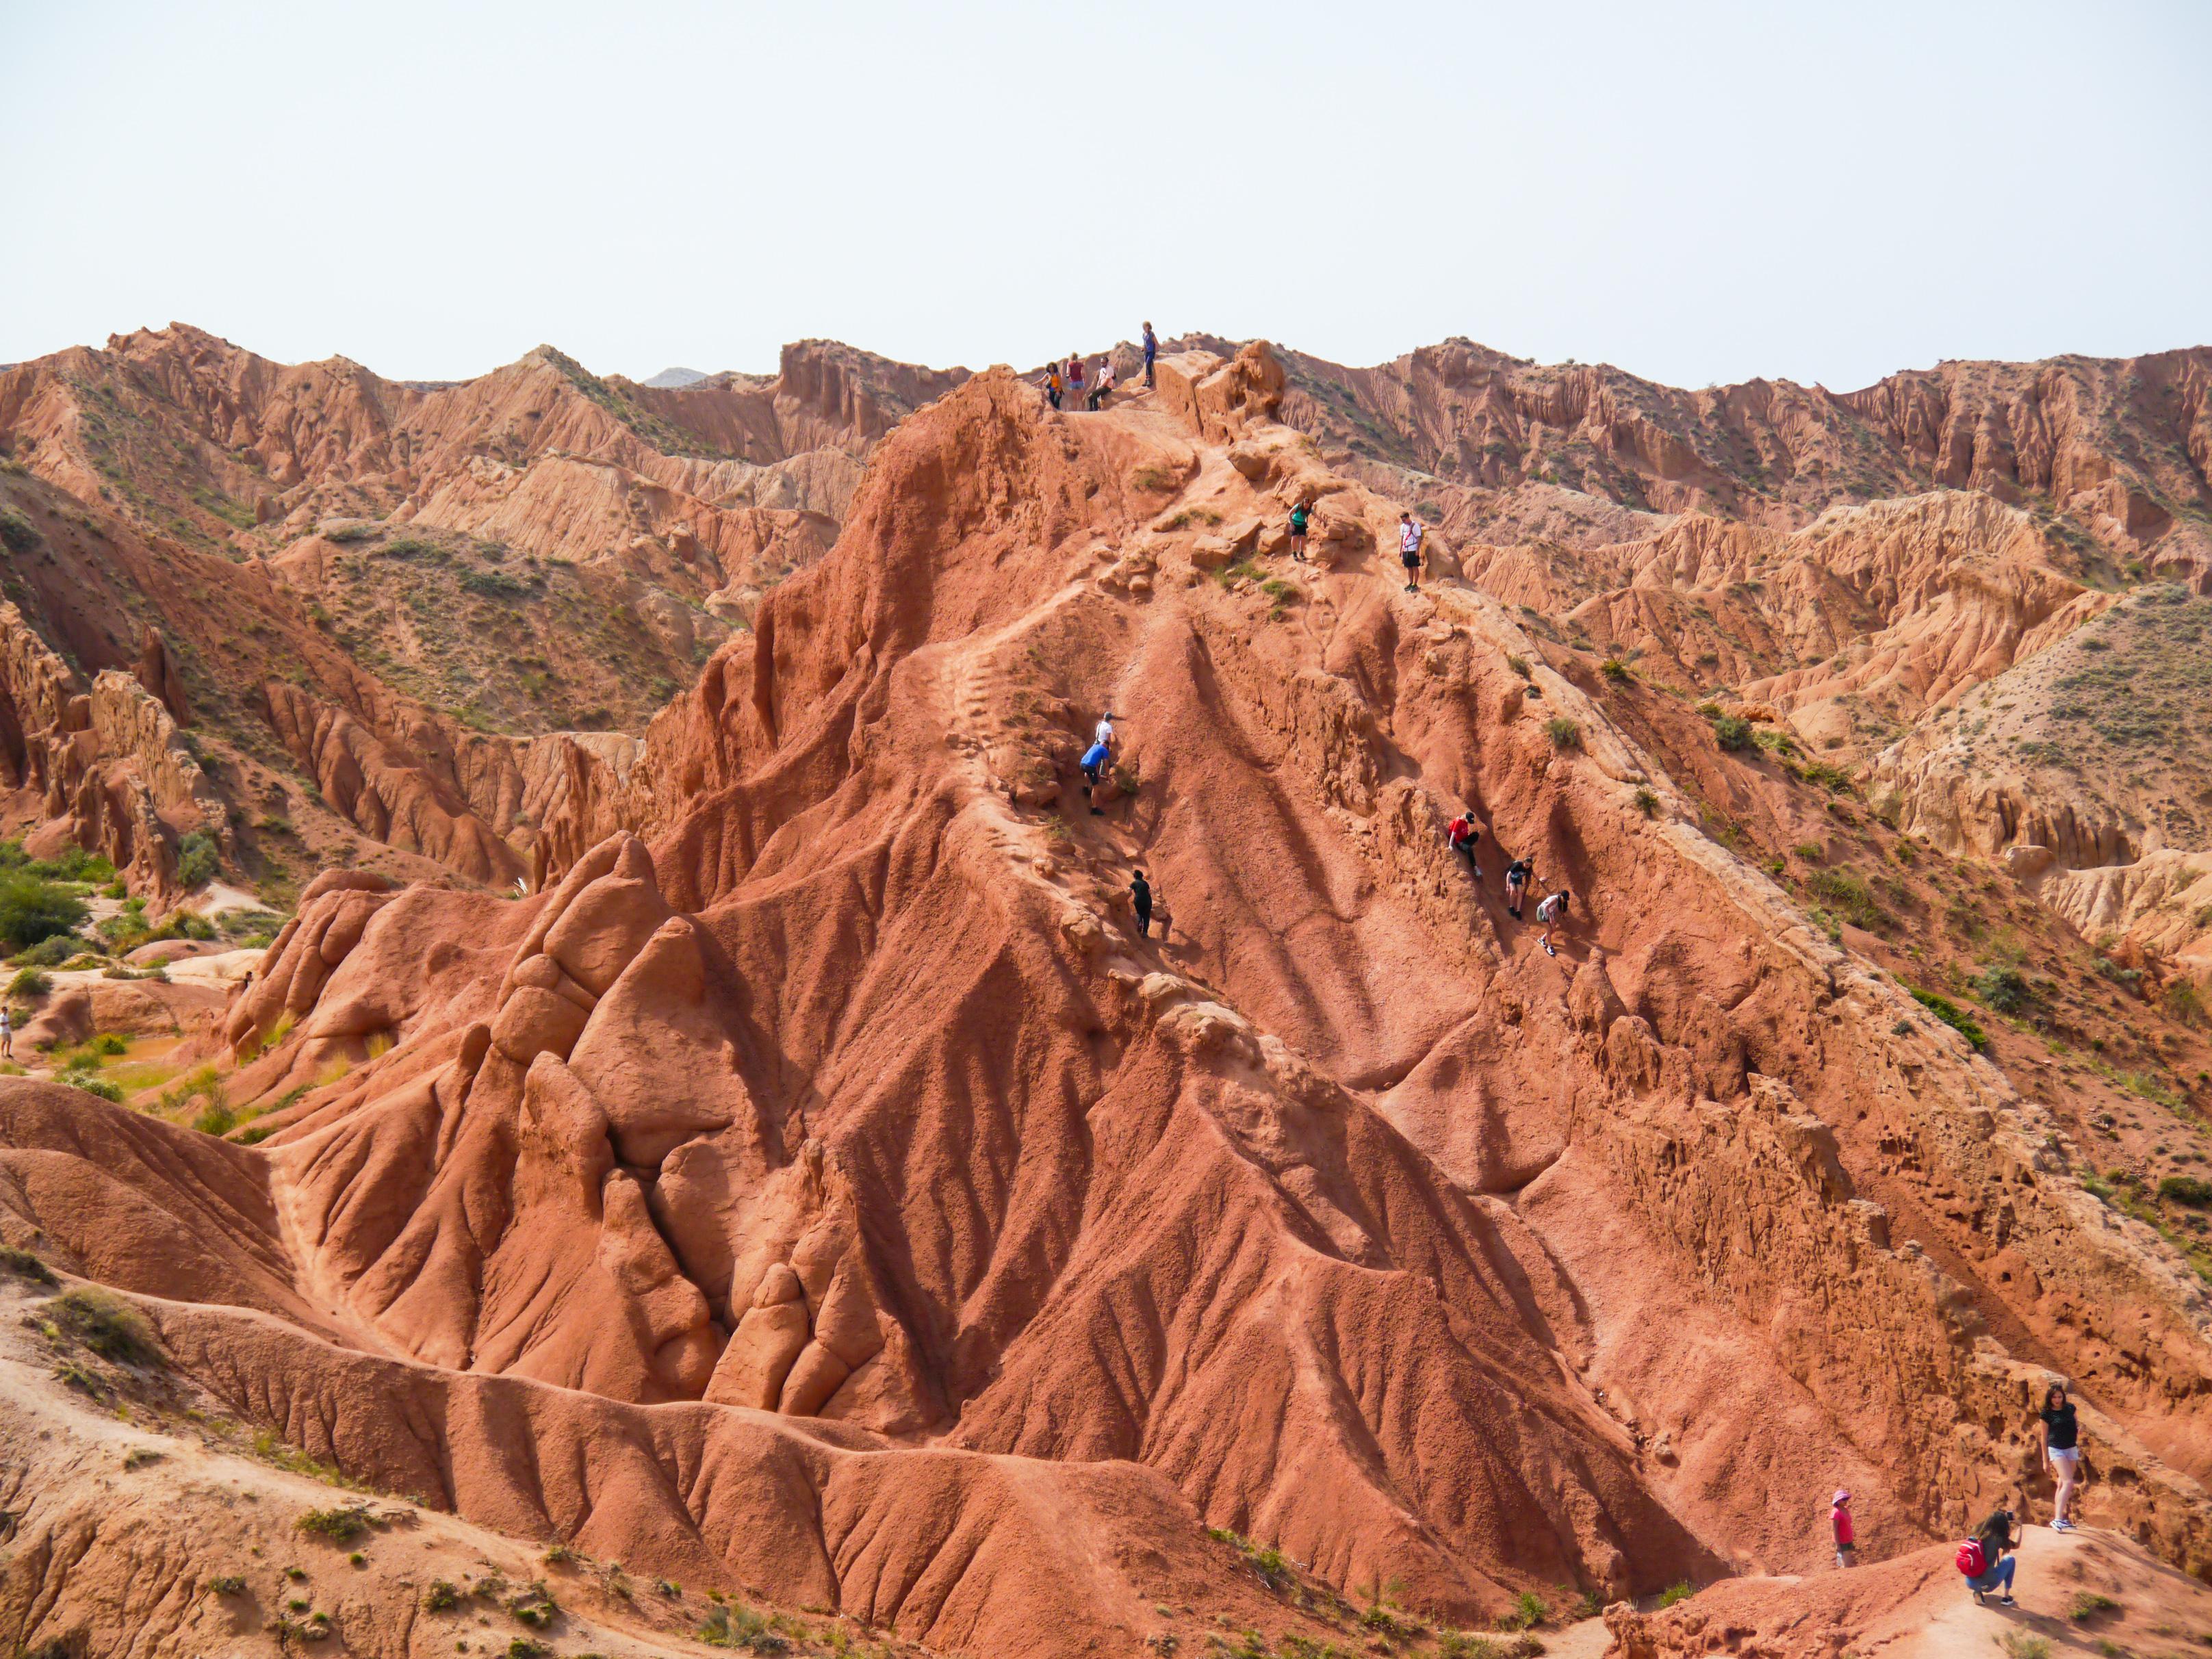 Kanion Skazka – Bajkowy Kanion – Fairy Tale Canyon – Region Południowy Issyk Kul